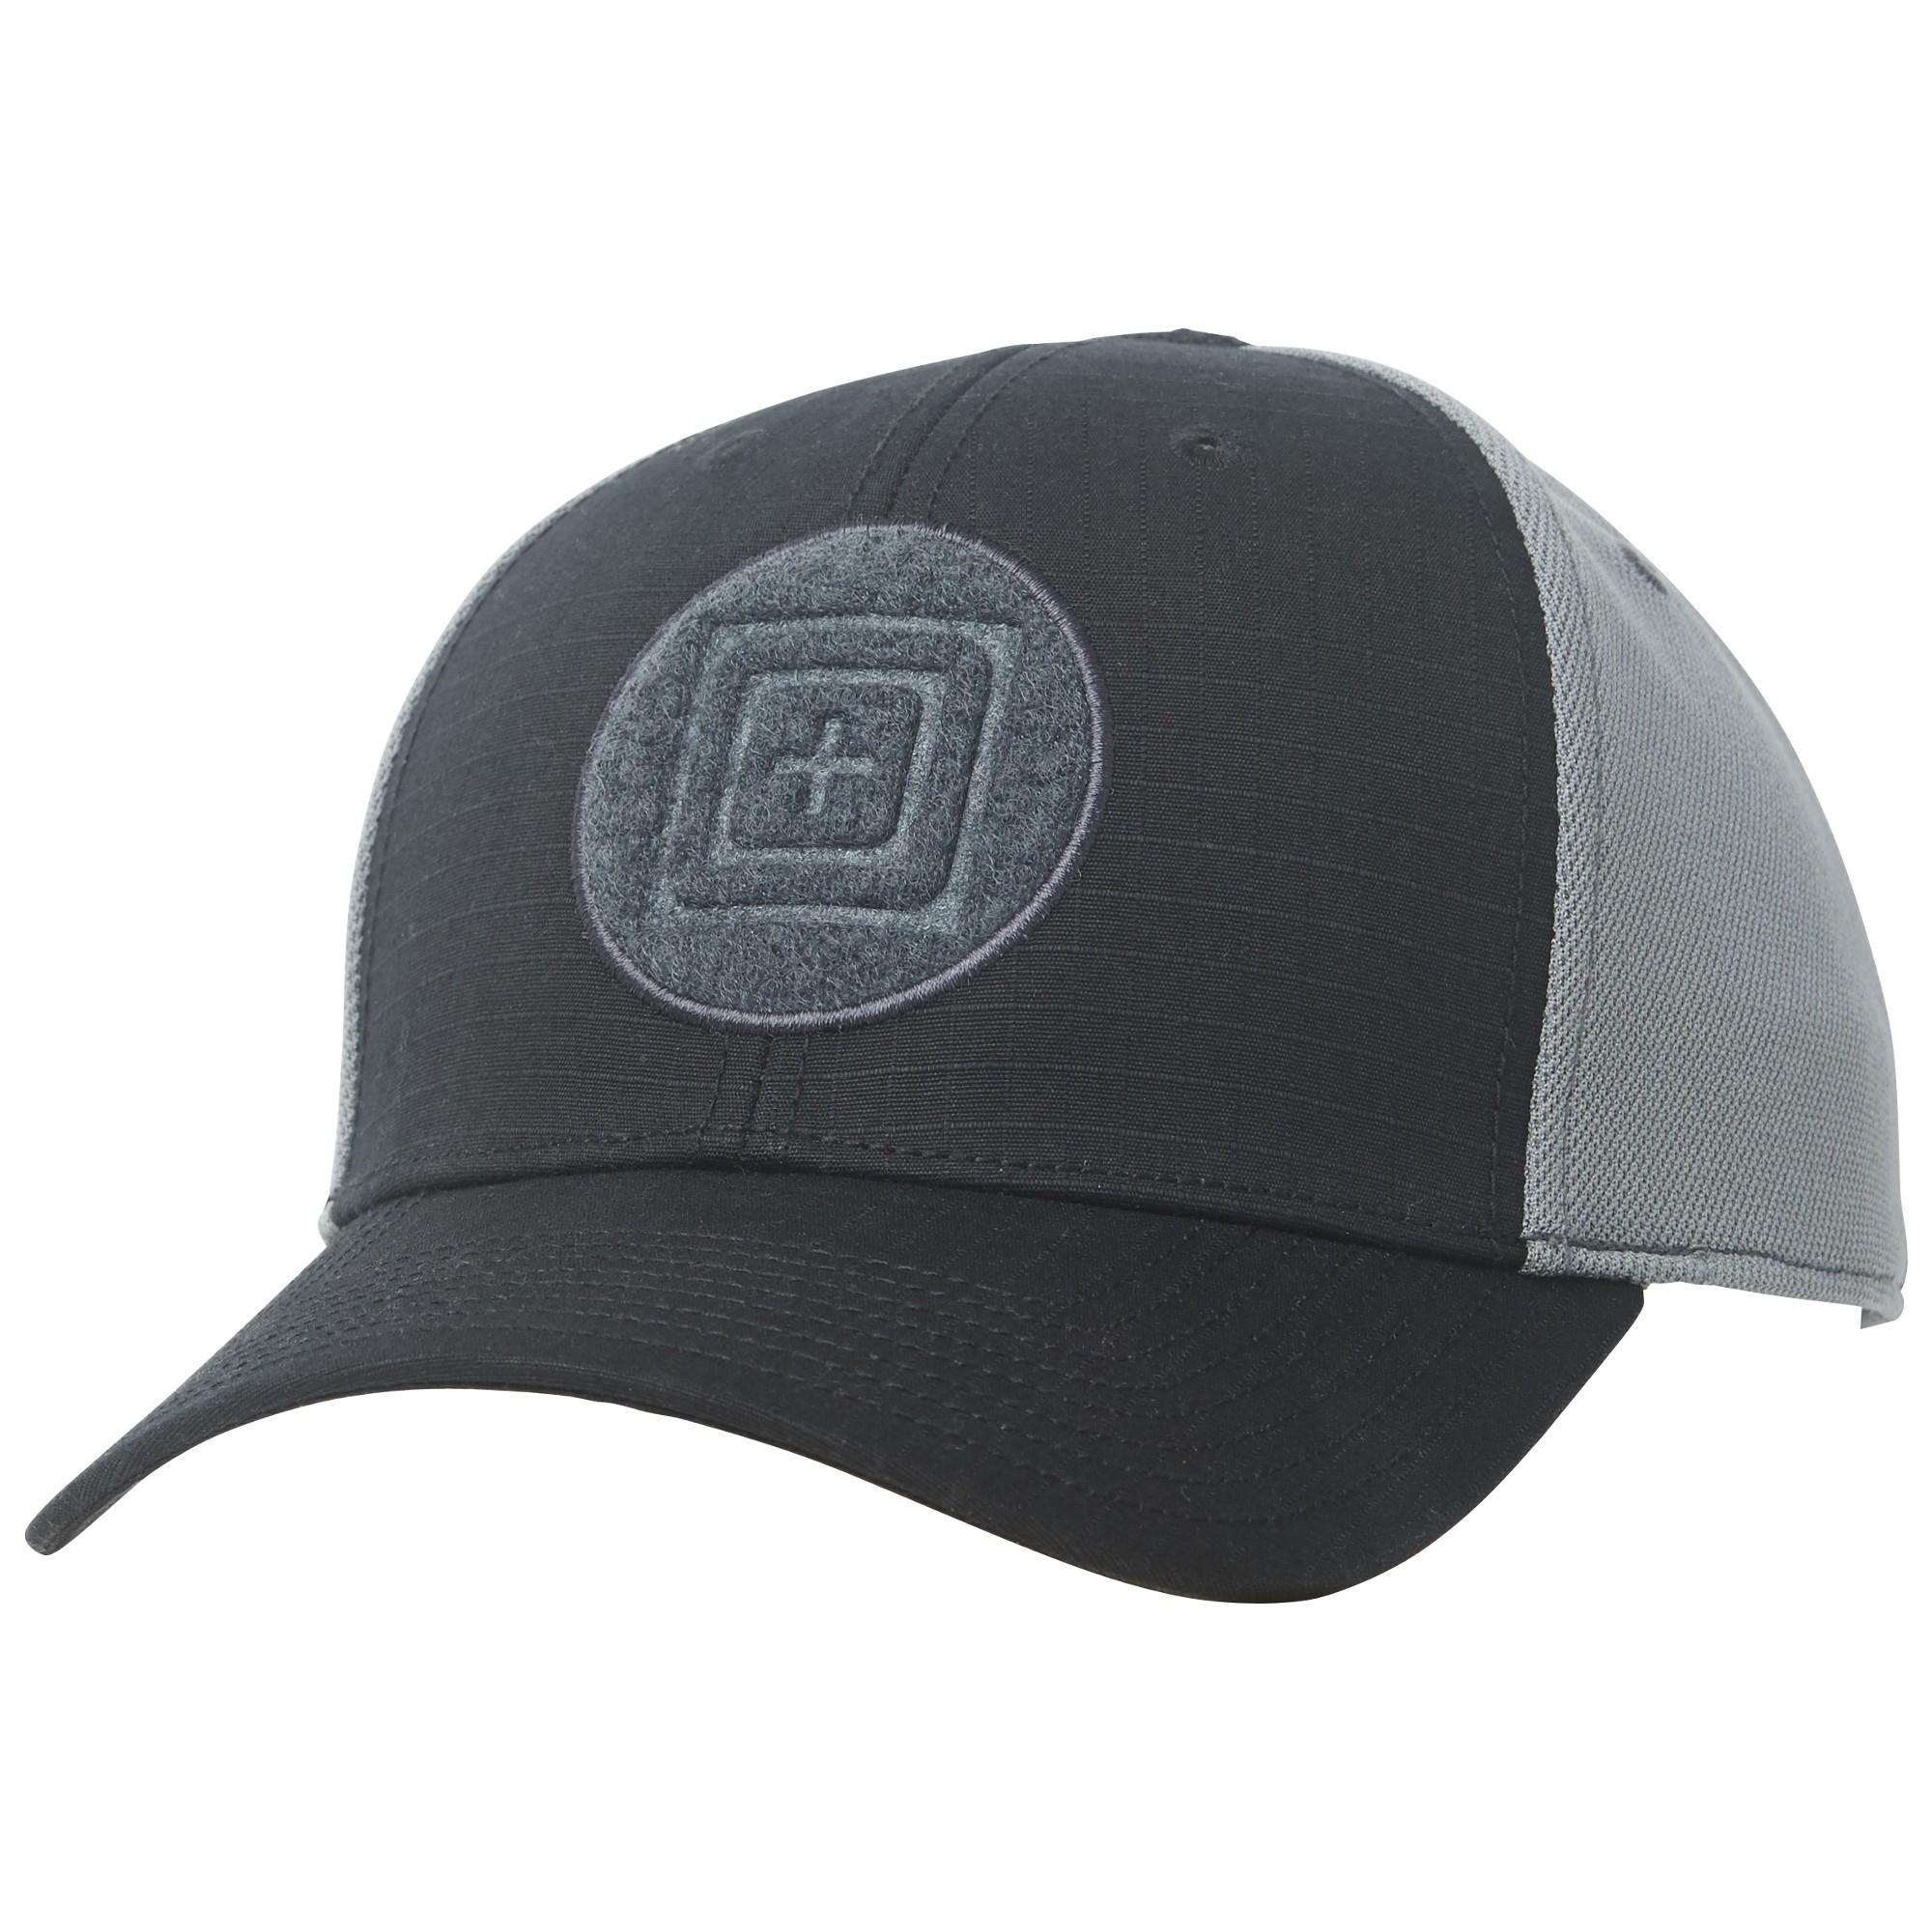 כובע טקטי שחור 5.11 DOWNRANGE CAP Black